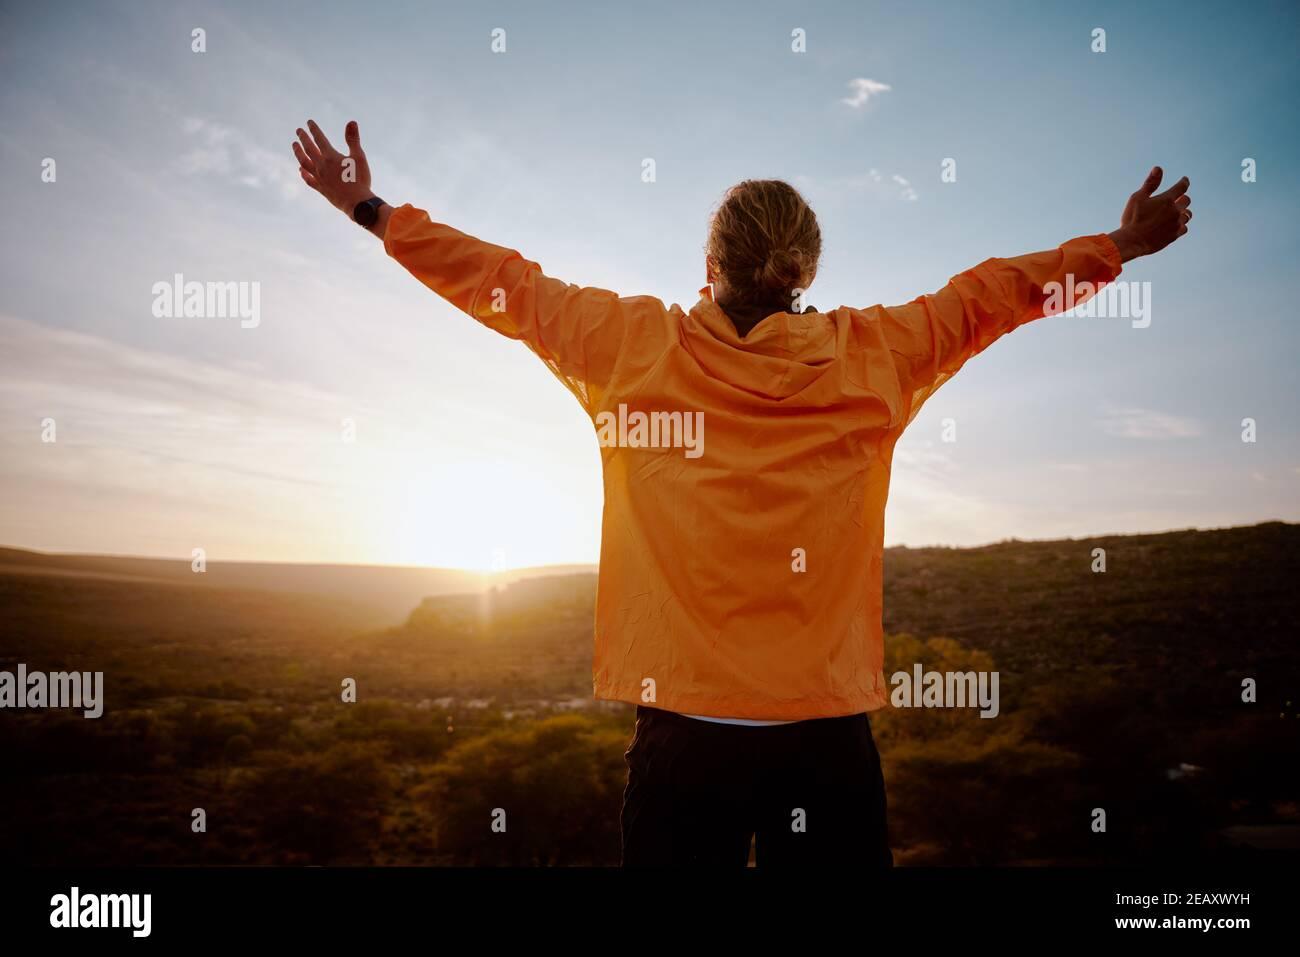 Vue arrière d'un jeune homme debout sur la montagne avec étiré les bras se détendus après une course matinale dans la nature Banque D'Images